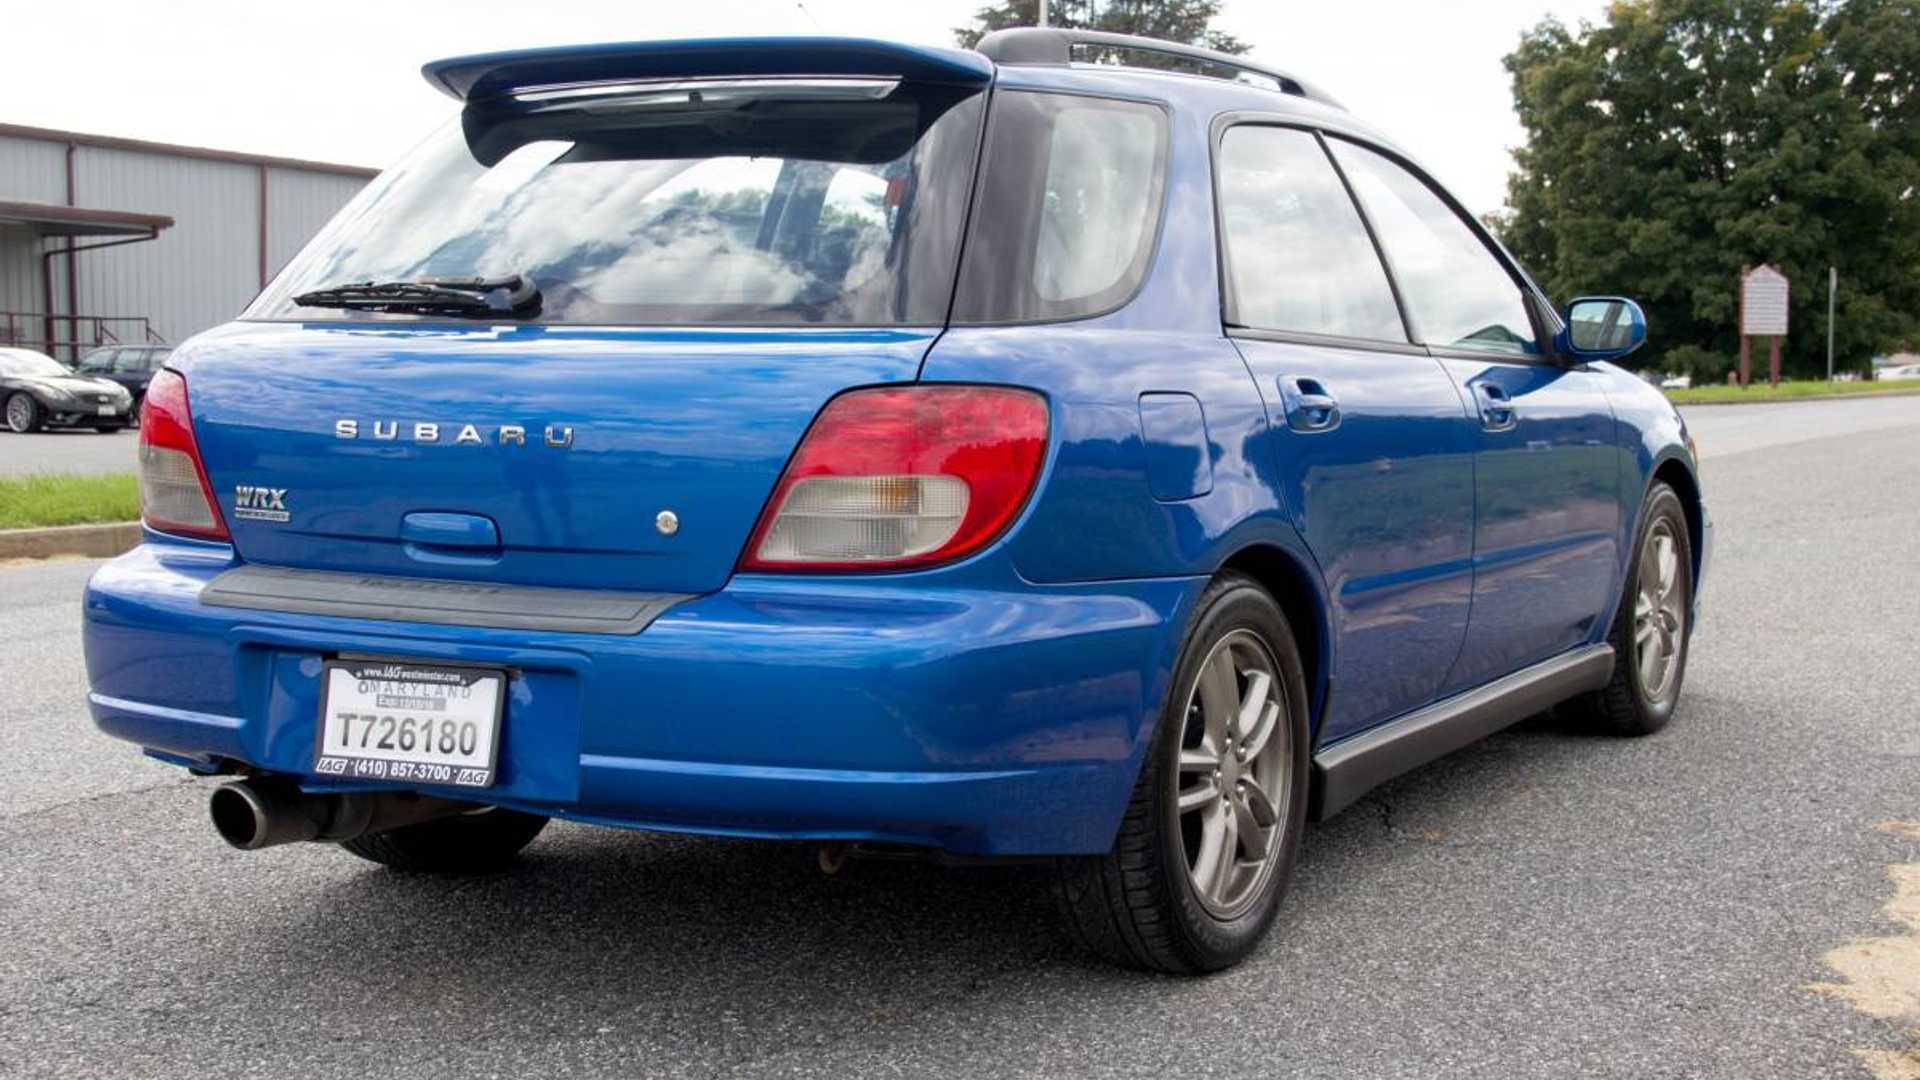 High Mileage Subaru Wrx Still Worth 7 500 Because Wagon